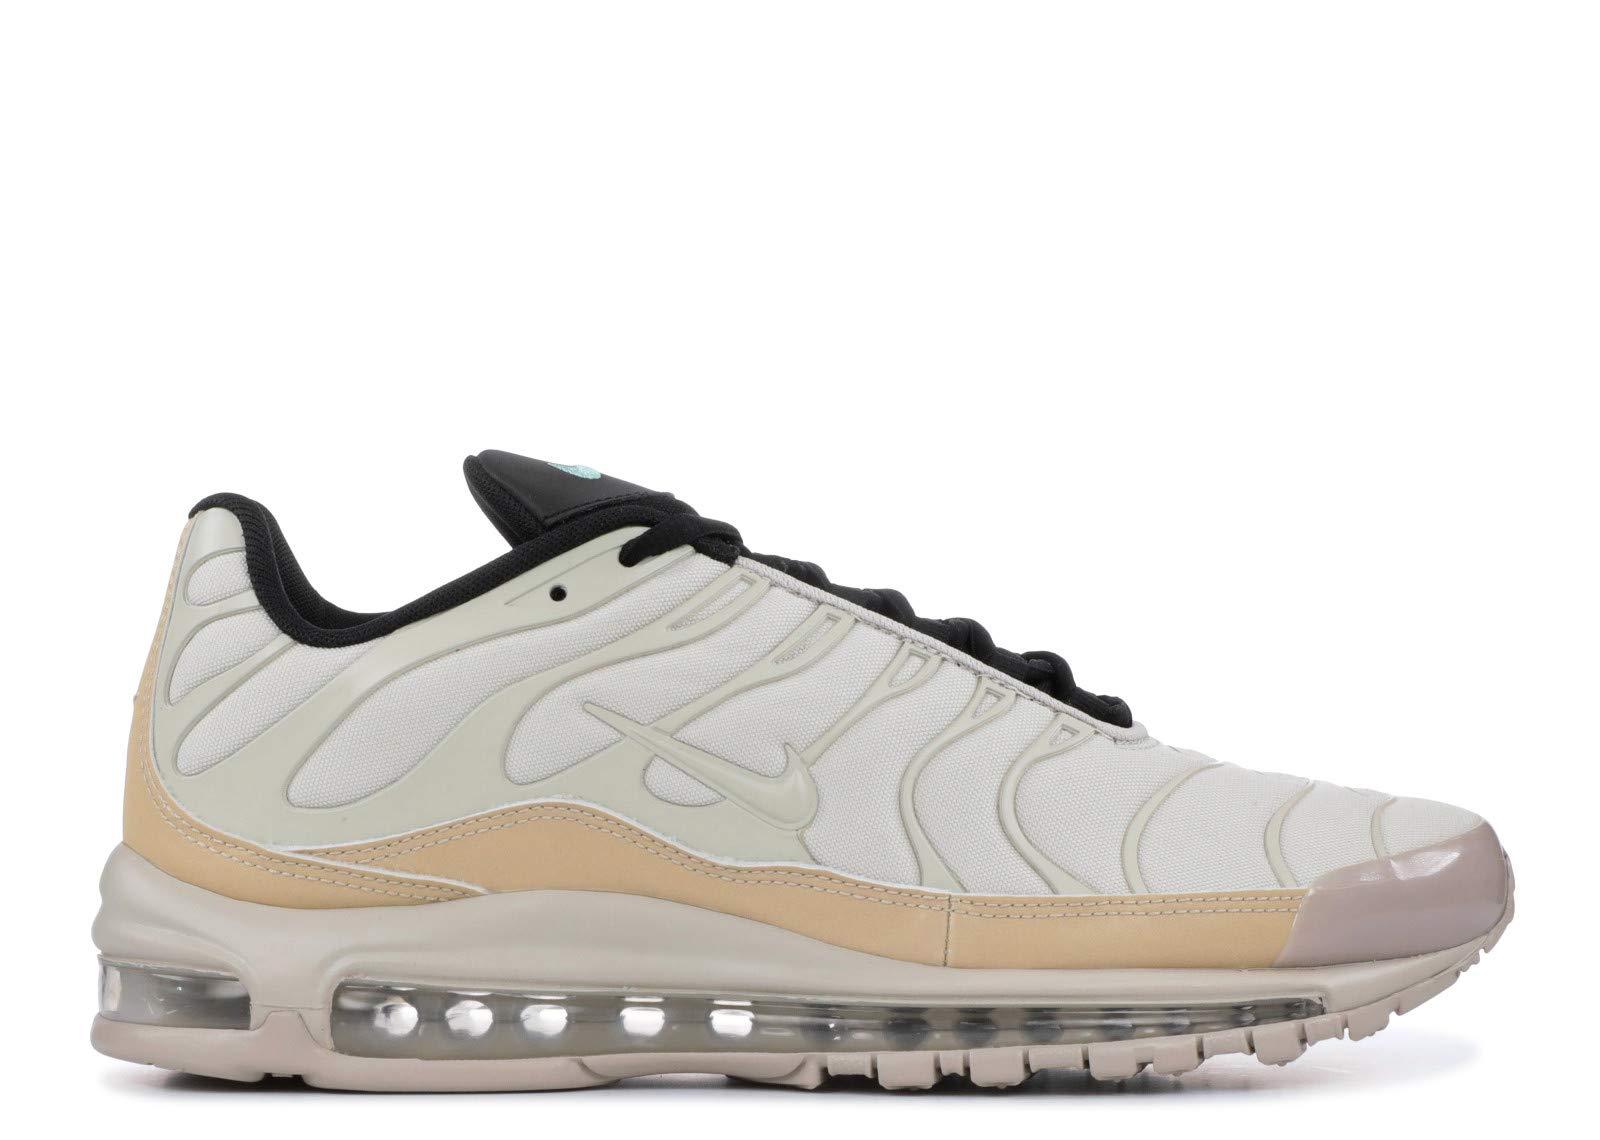 61FMmaUJ6xL - Nike Men's Air Max 97 / Plus Gymnastics Shoes